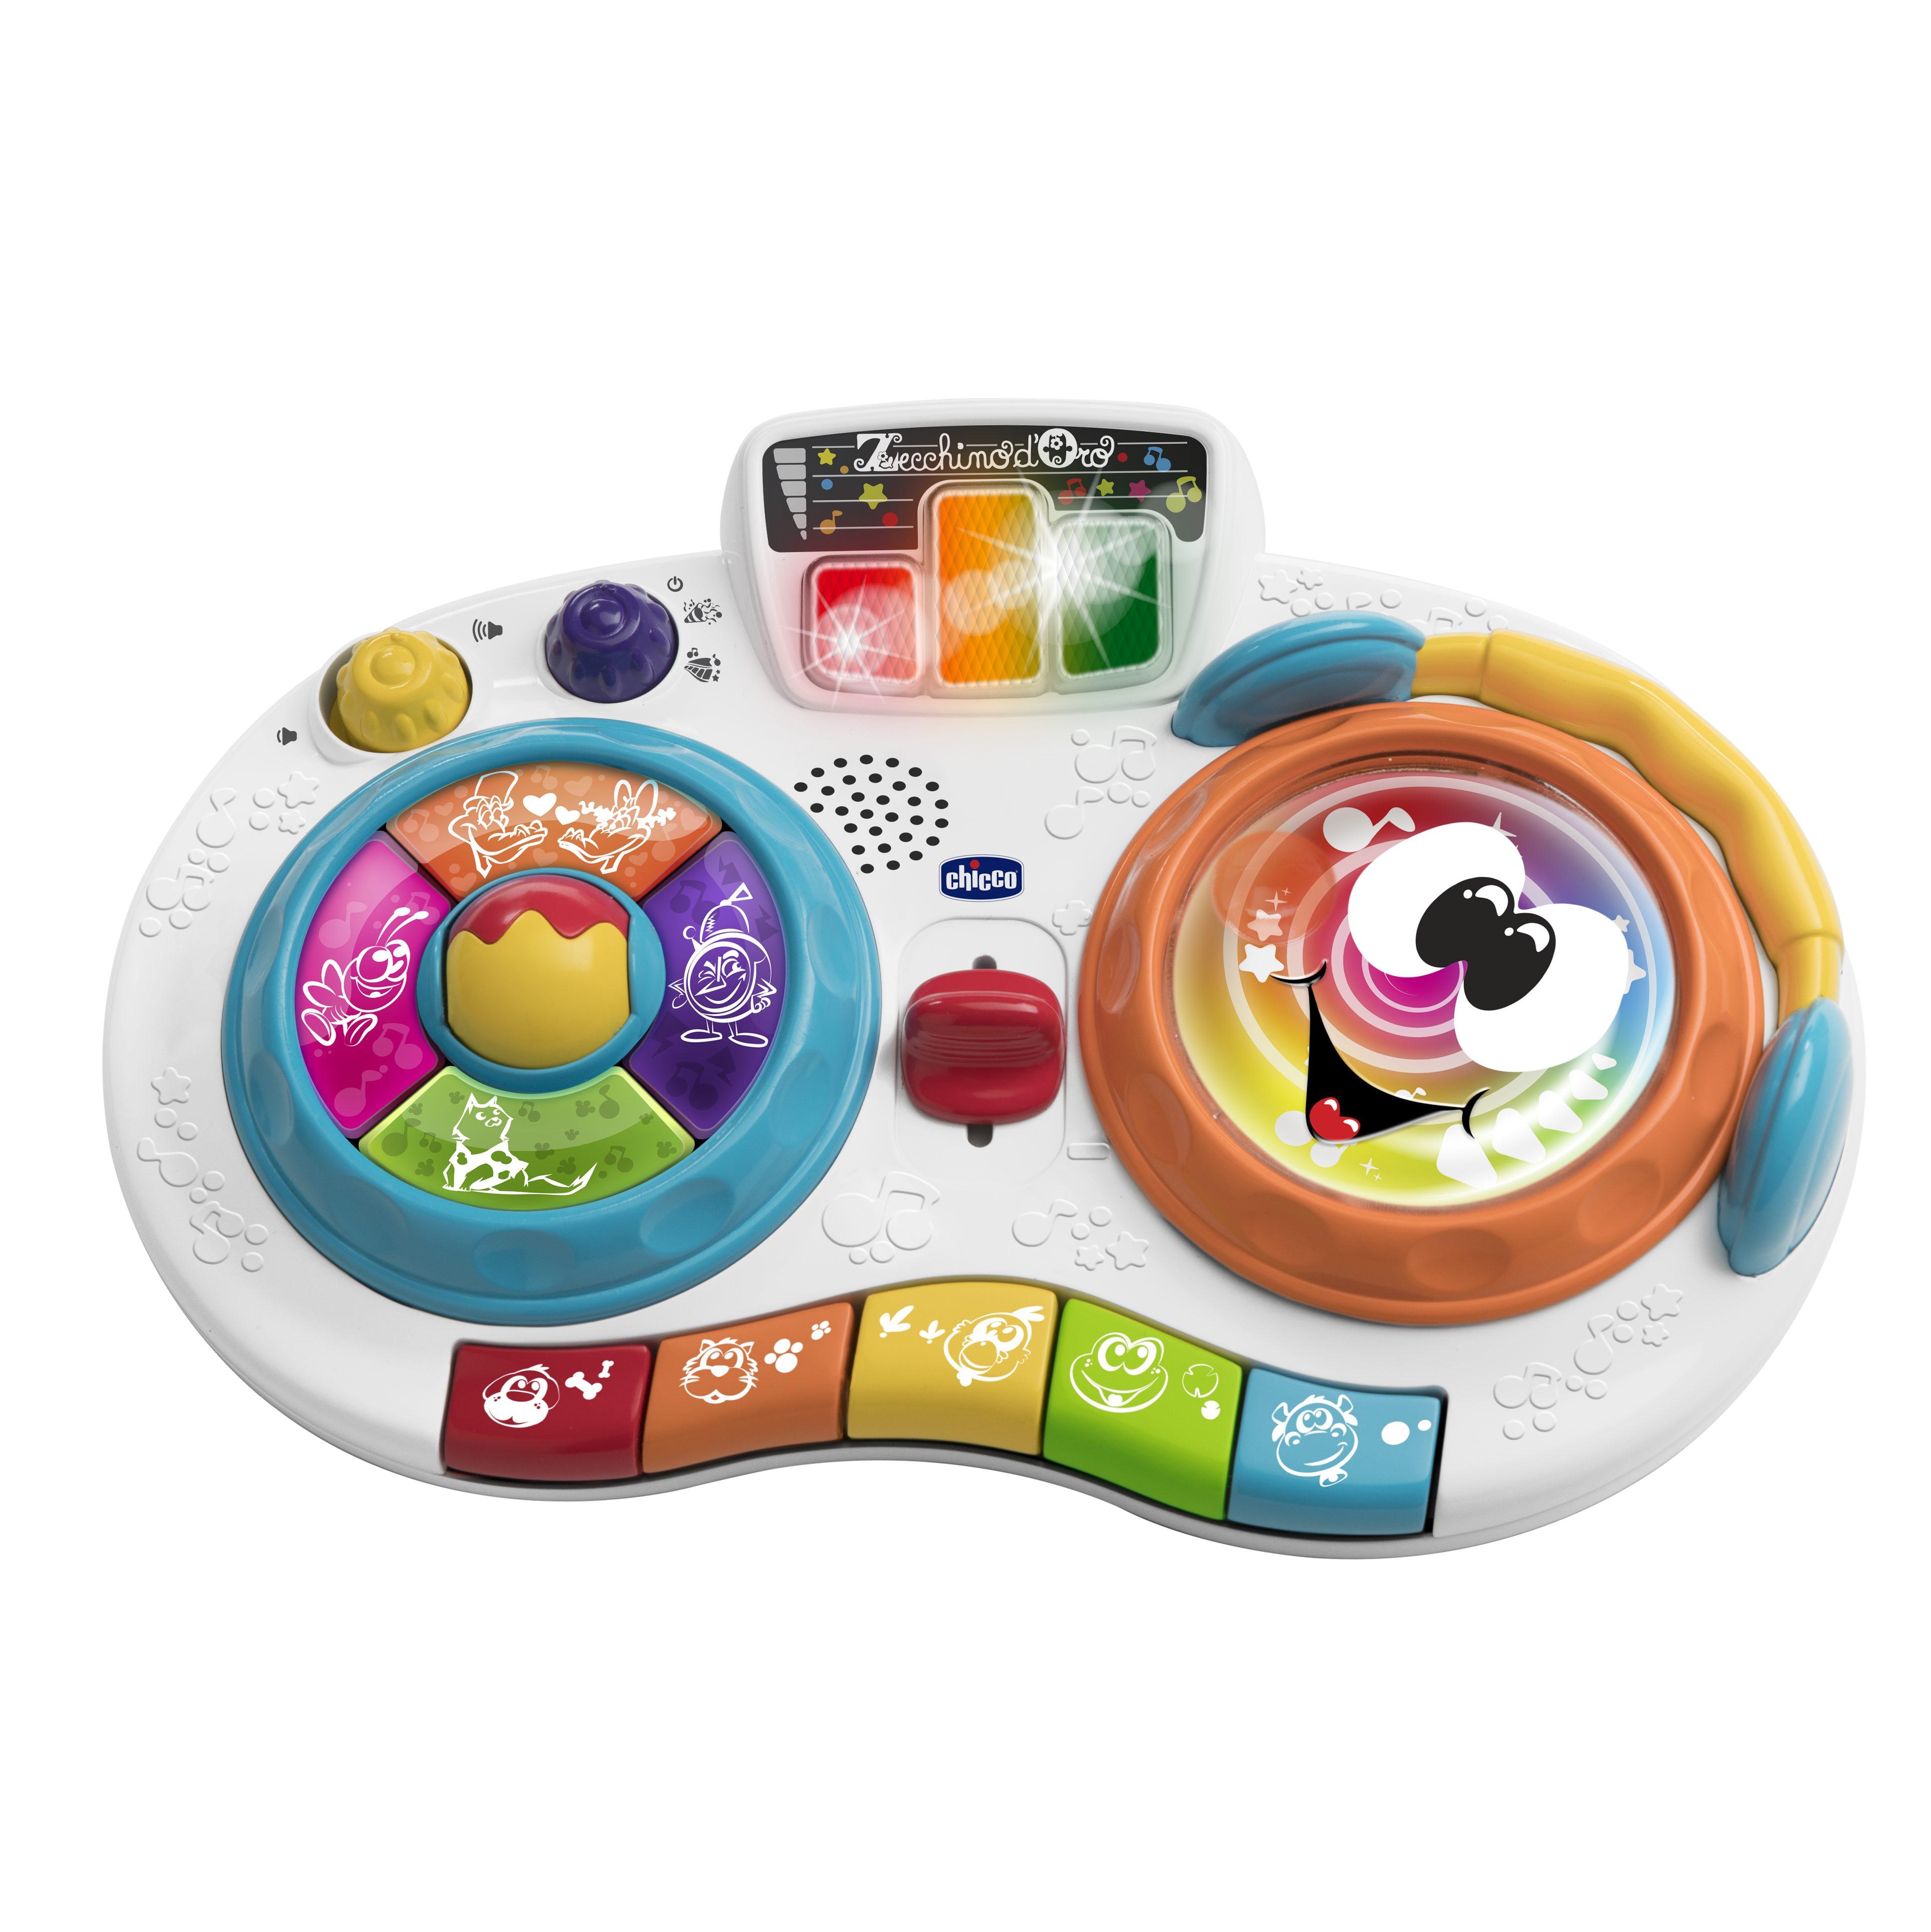 Piano dj mixy - chicco - toys center - Chicco